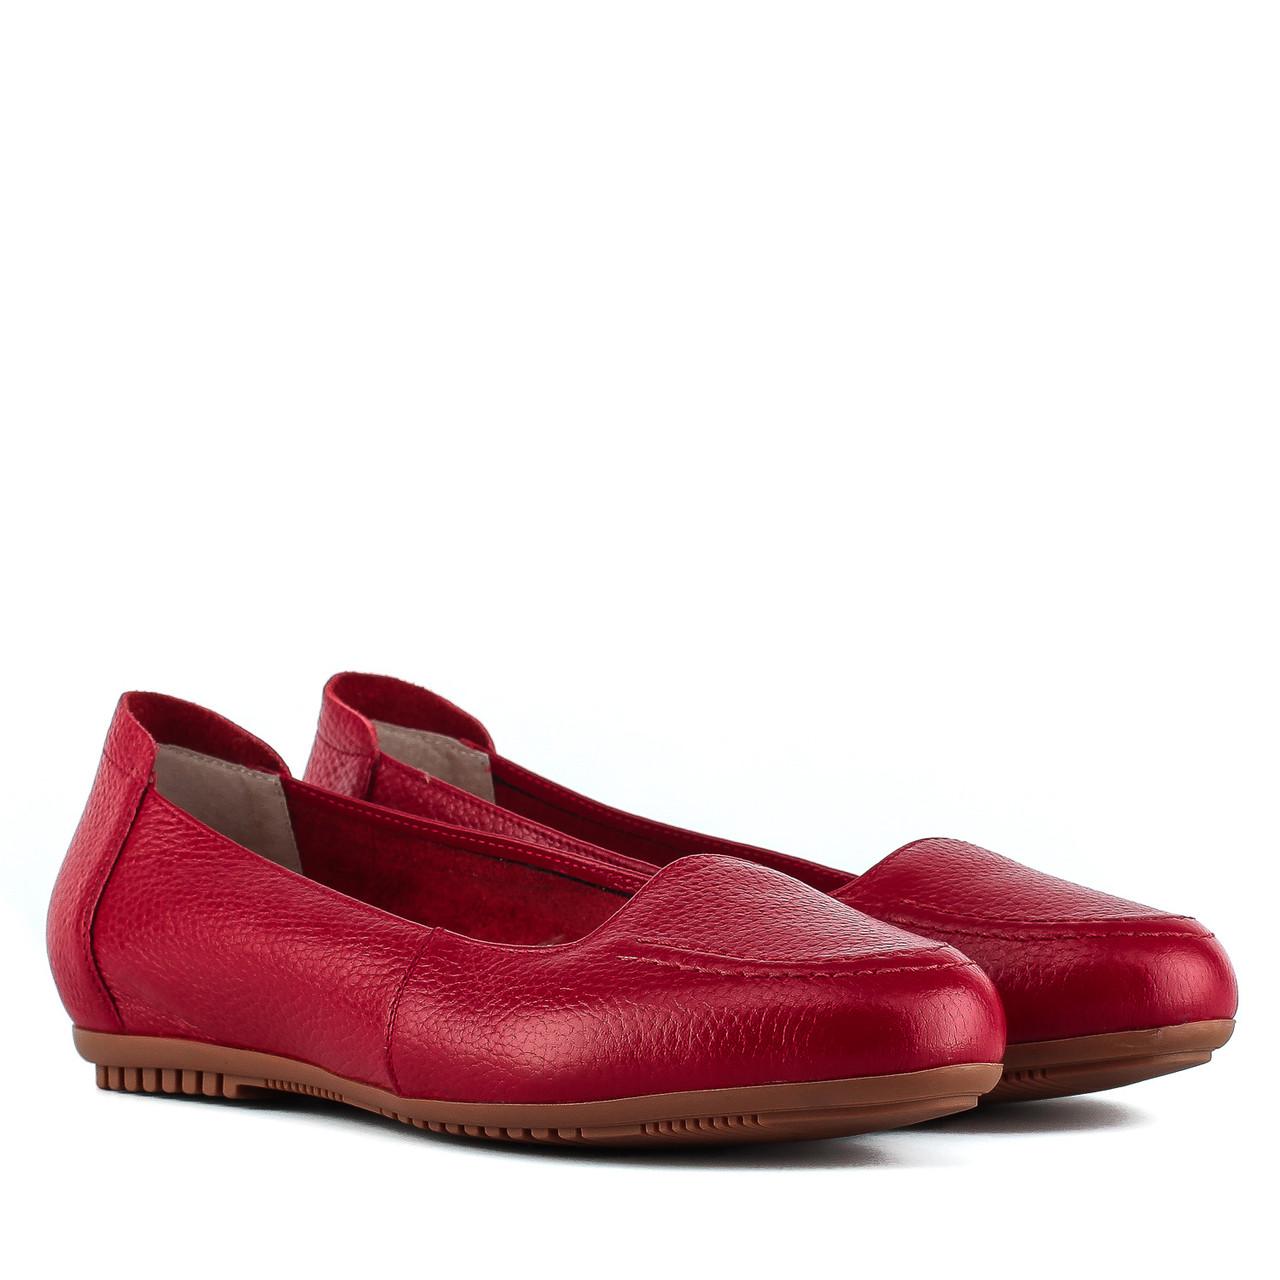 Балетки женские Monroe (кожаные, удобные, красного цвета)